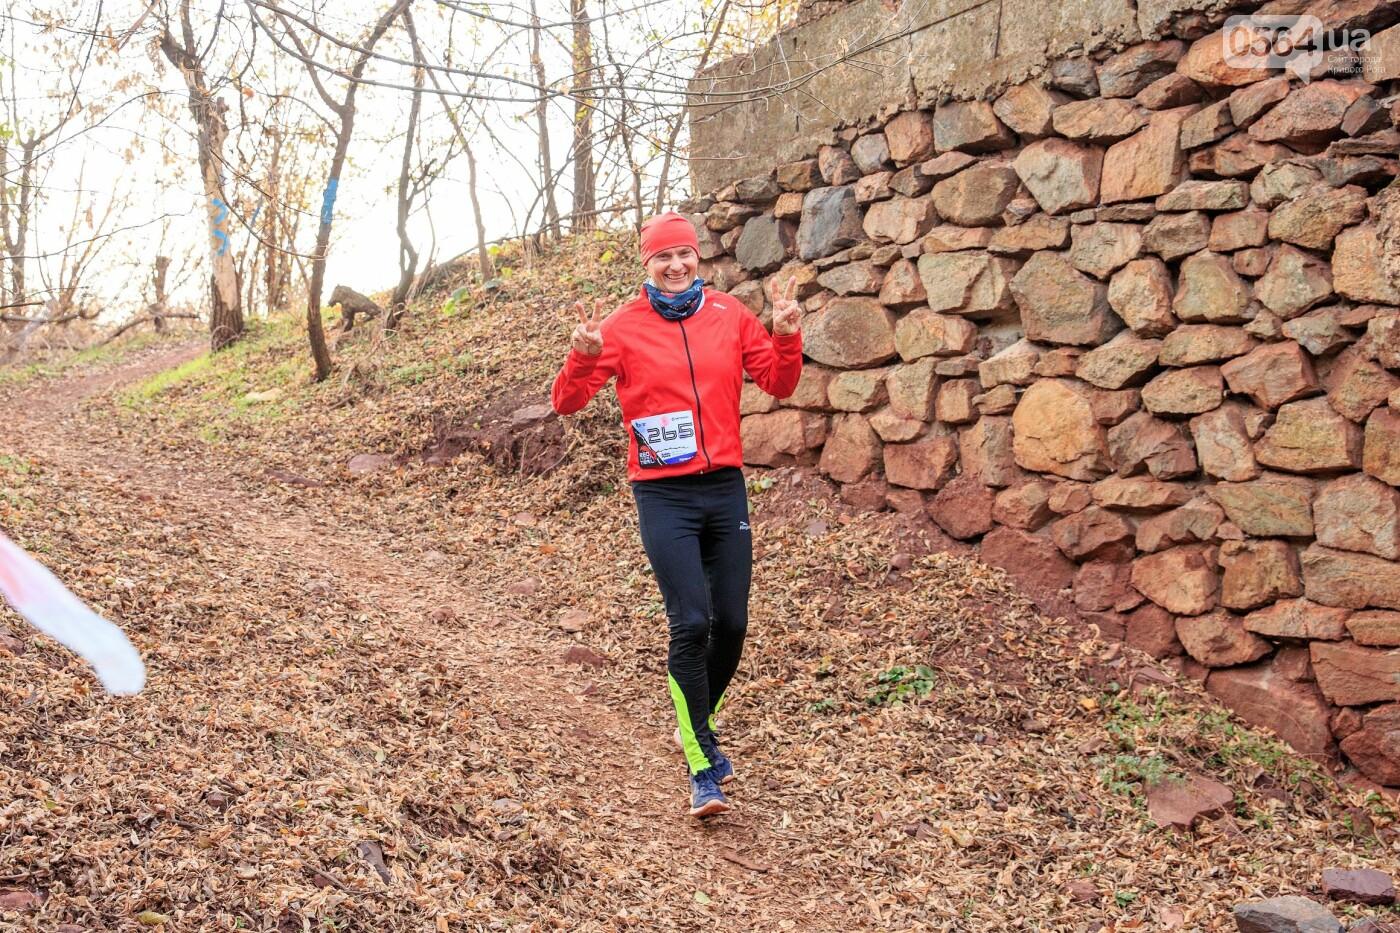 Спортсмены со всей Украины покорили «марсианские» маршруты марафона Red Stones Trail , фото-1